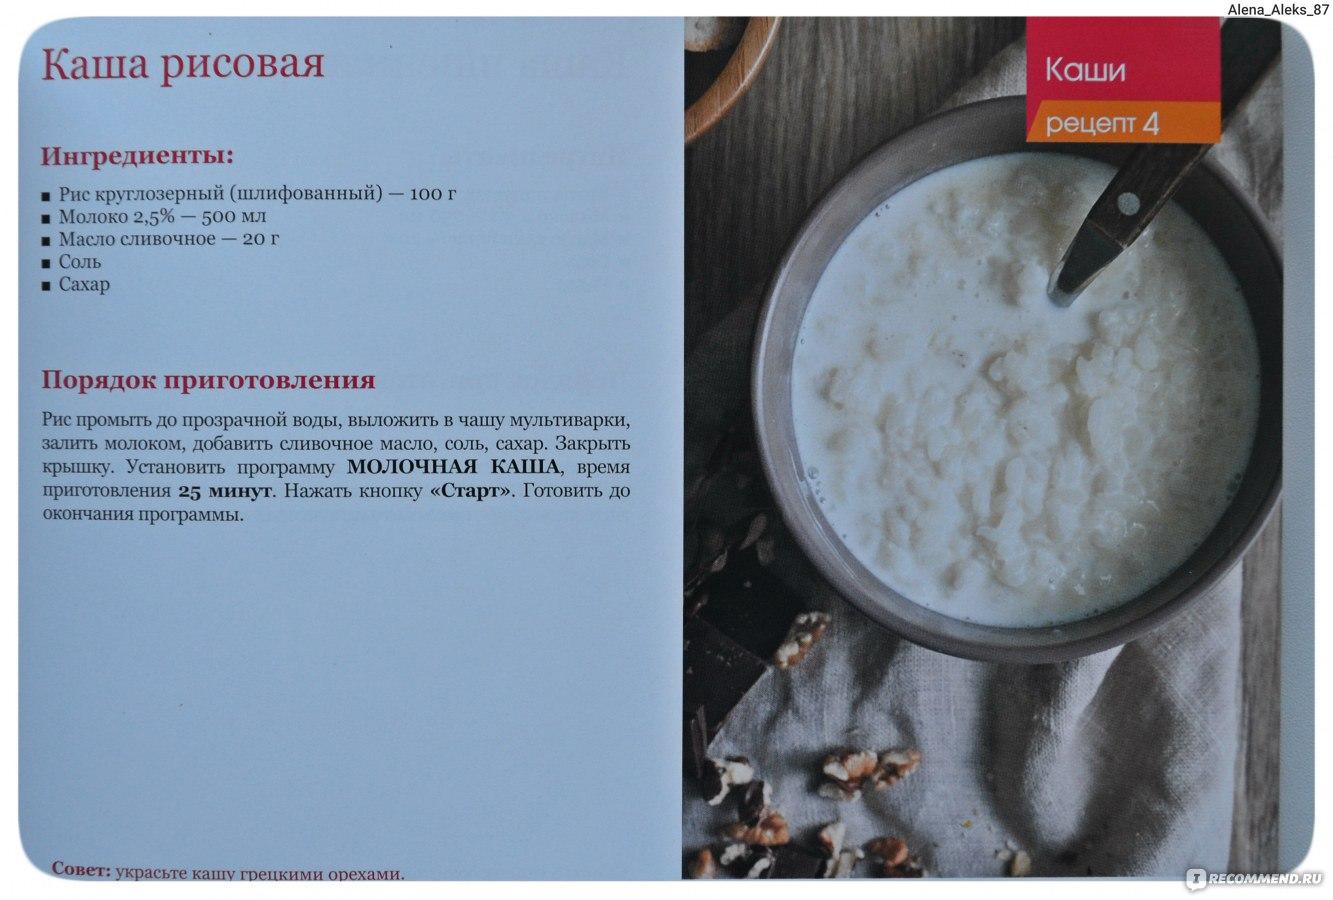 Каша для детей в мультиварке рецепты пошагово